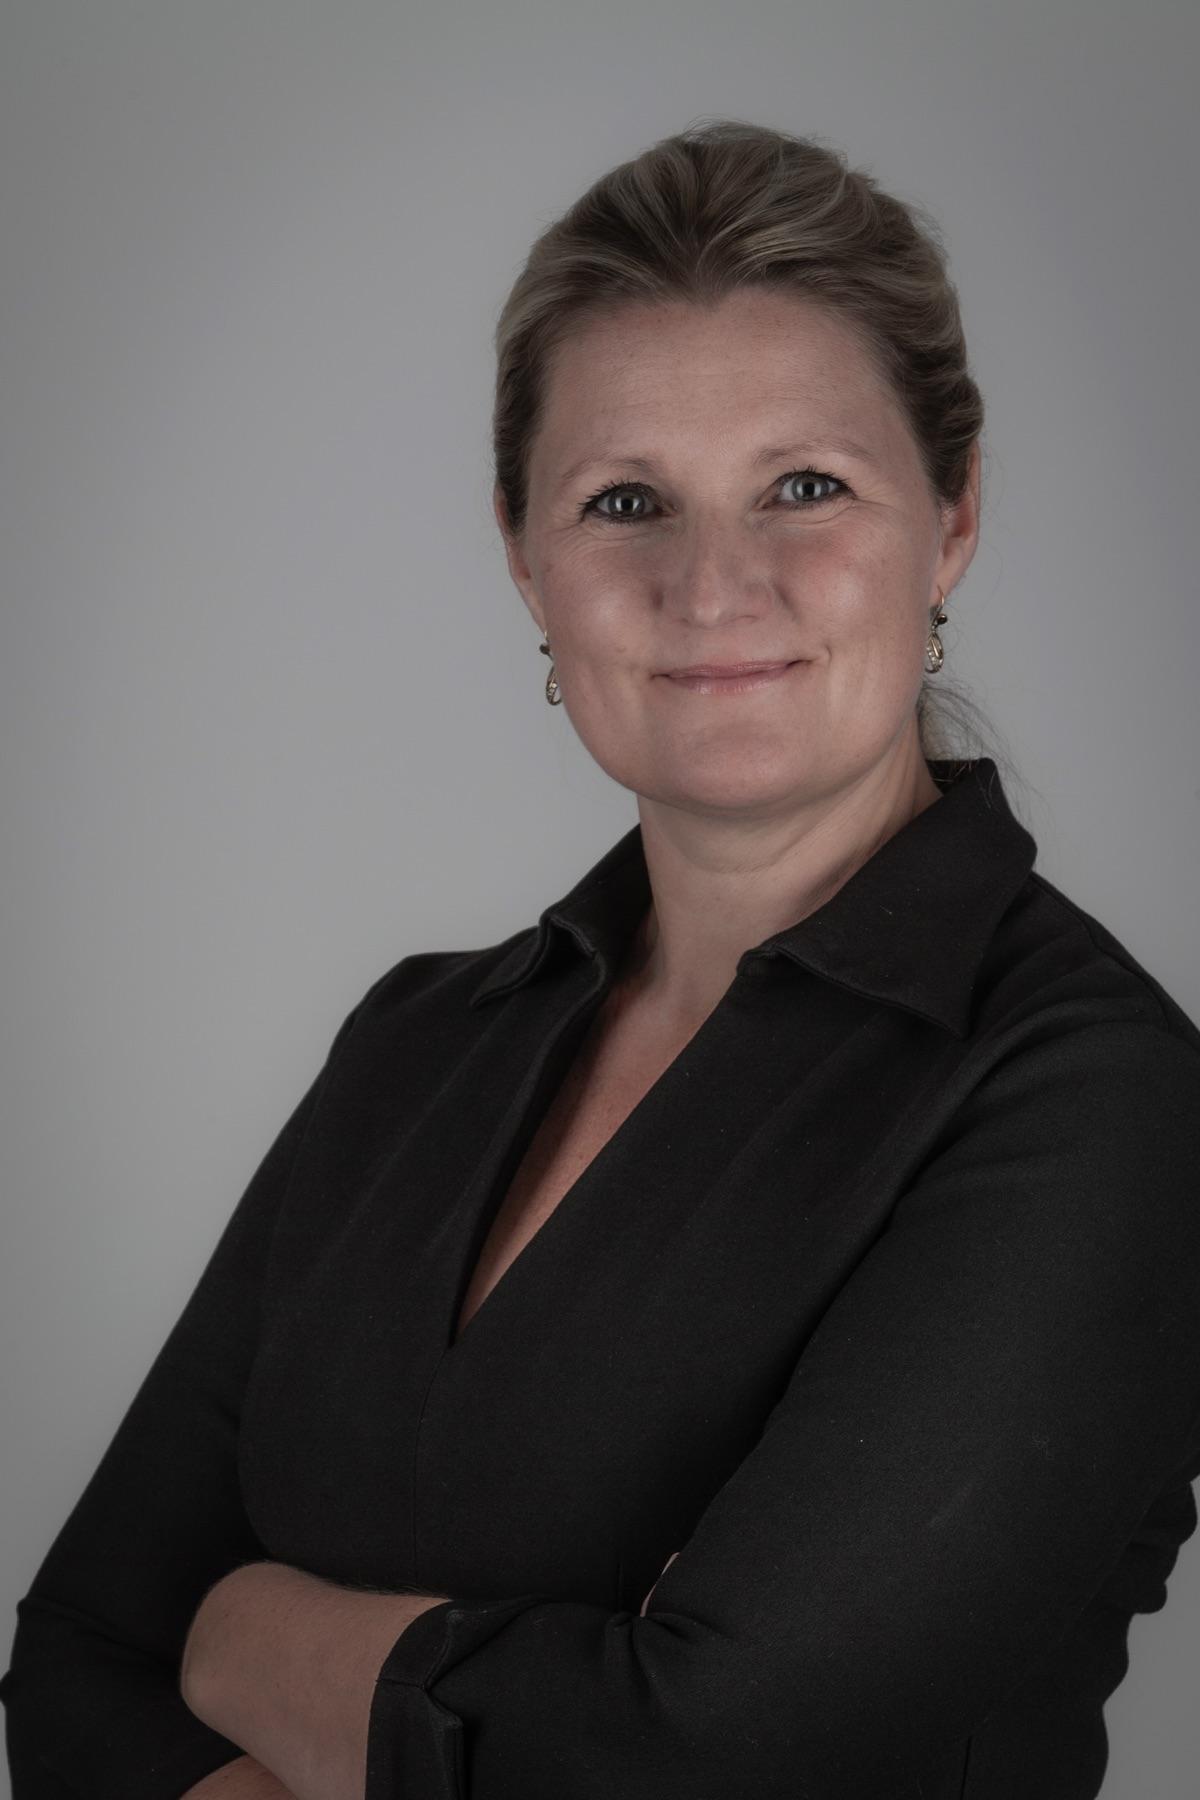 Erhvervspsykolog Dorte Vilsgaard